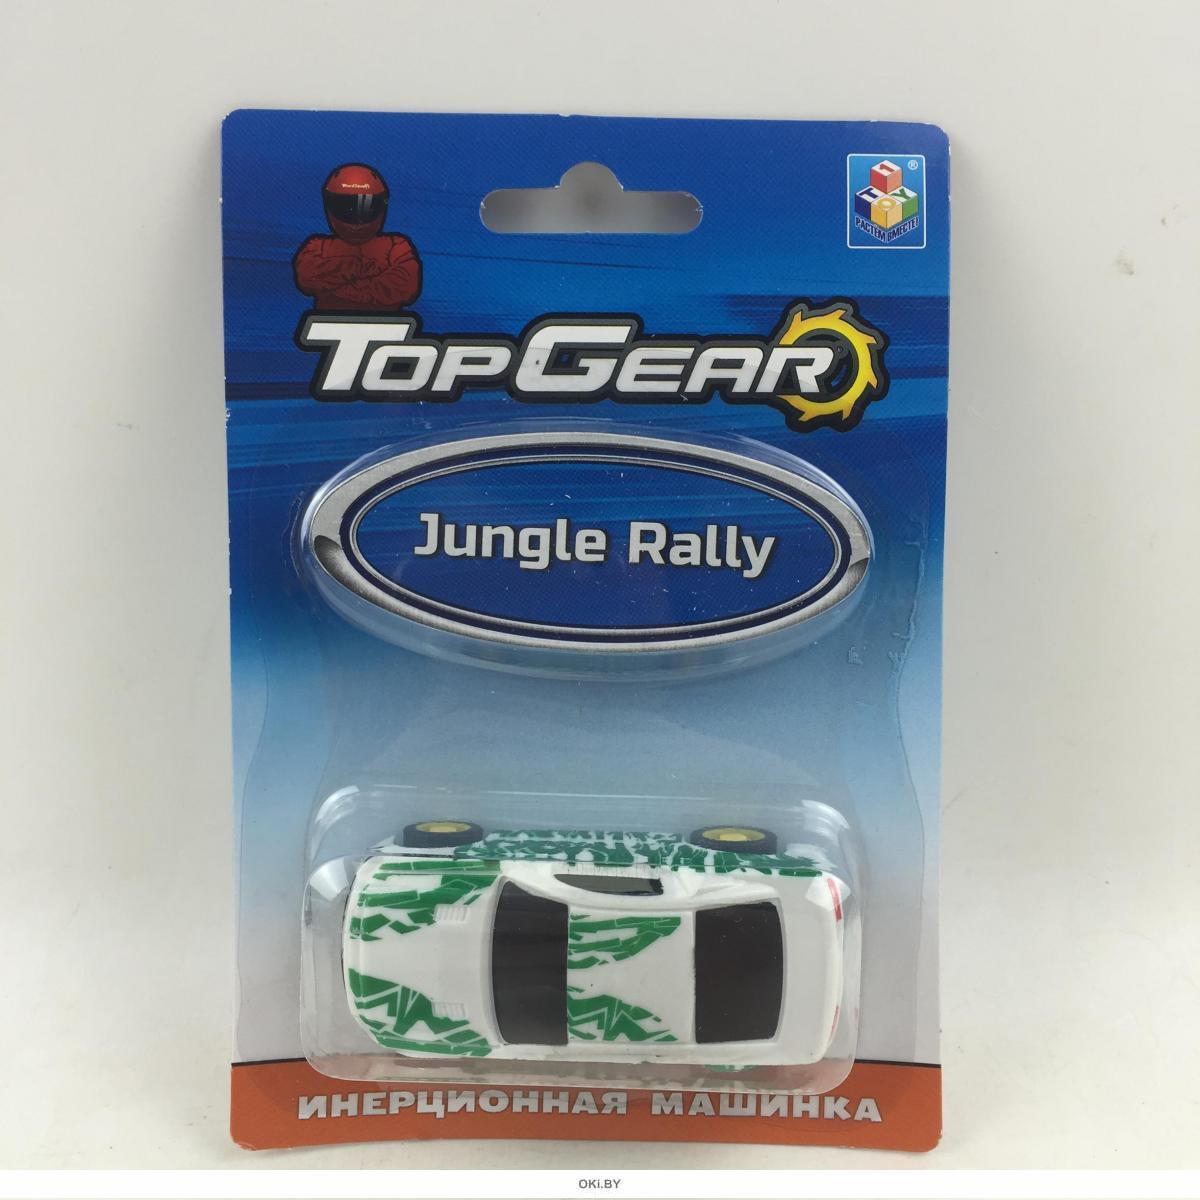 Top Gear машинка Jungle Rally пластиковая инерционная